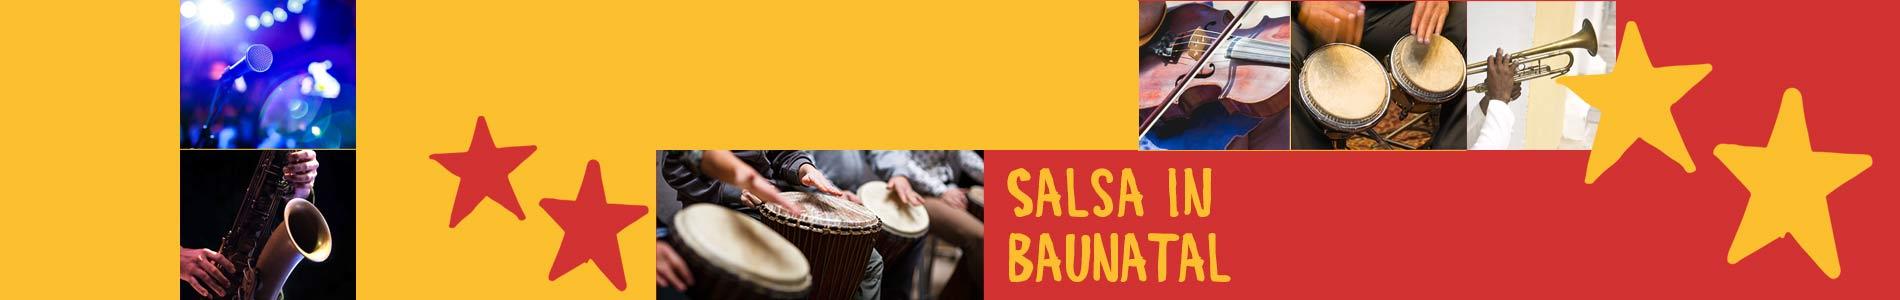 Salsa in Baunatal – Salsa lernen und tanzen, Tanzkurse, Partys, Veranstaltungen